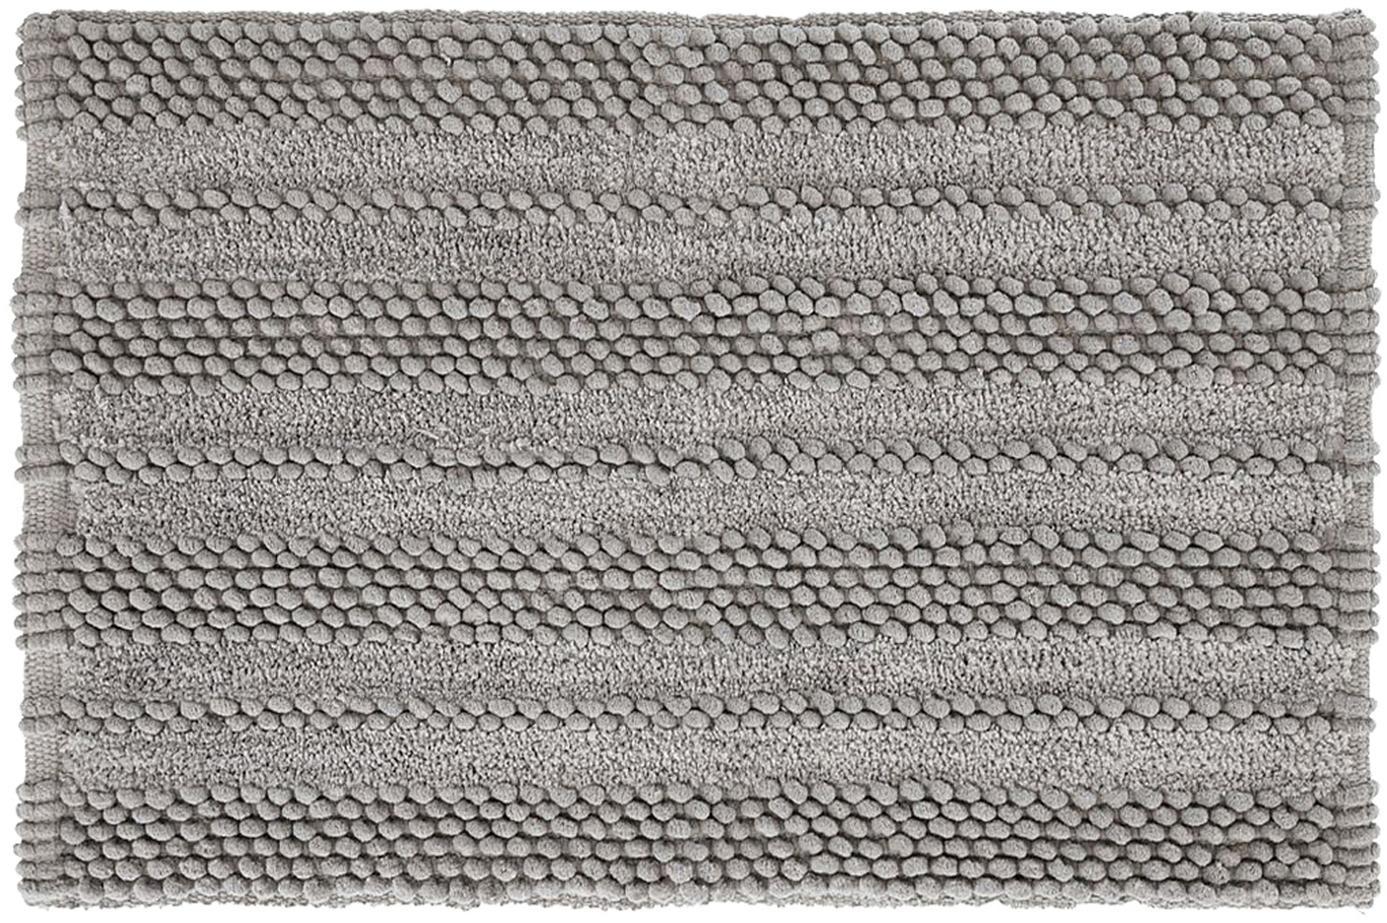 Badvorleger Nea in Hellgrau mit Hoch-Tief-Struktur, 65% Chenille, 35% Baumwolle, Grau, 80 x 120 cm